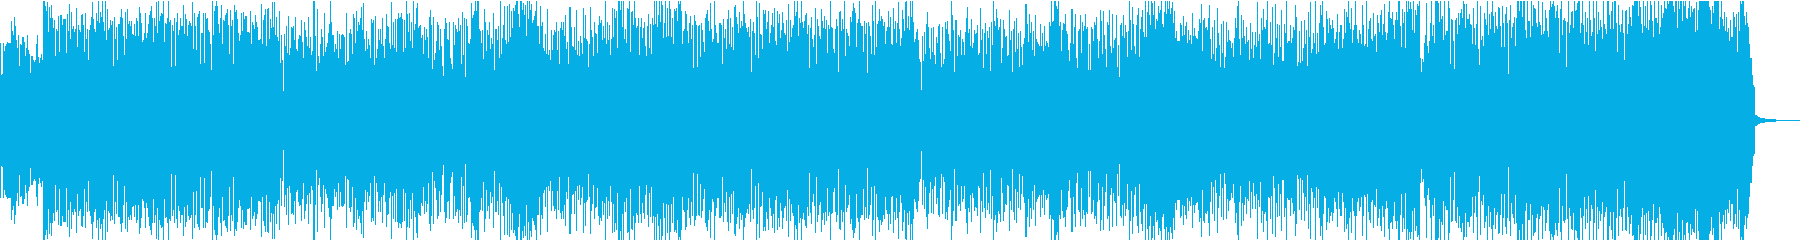 華やかで元気なオープニングBGMです。の再生済みの波形